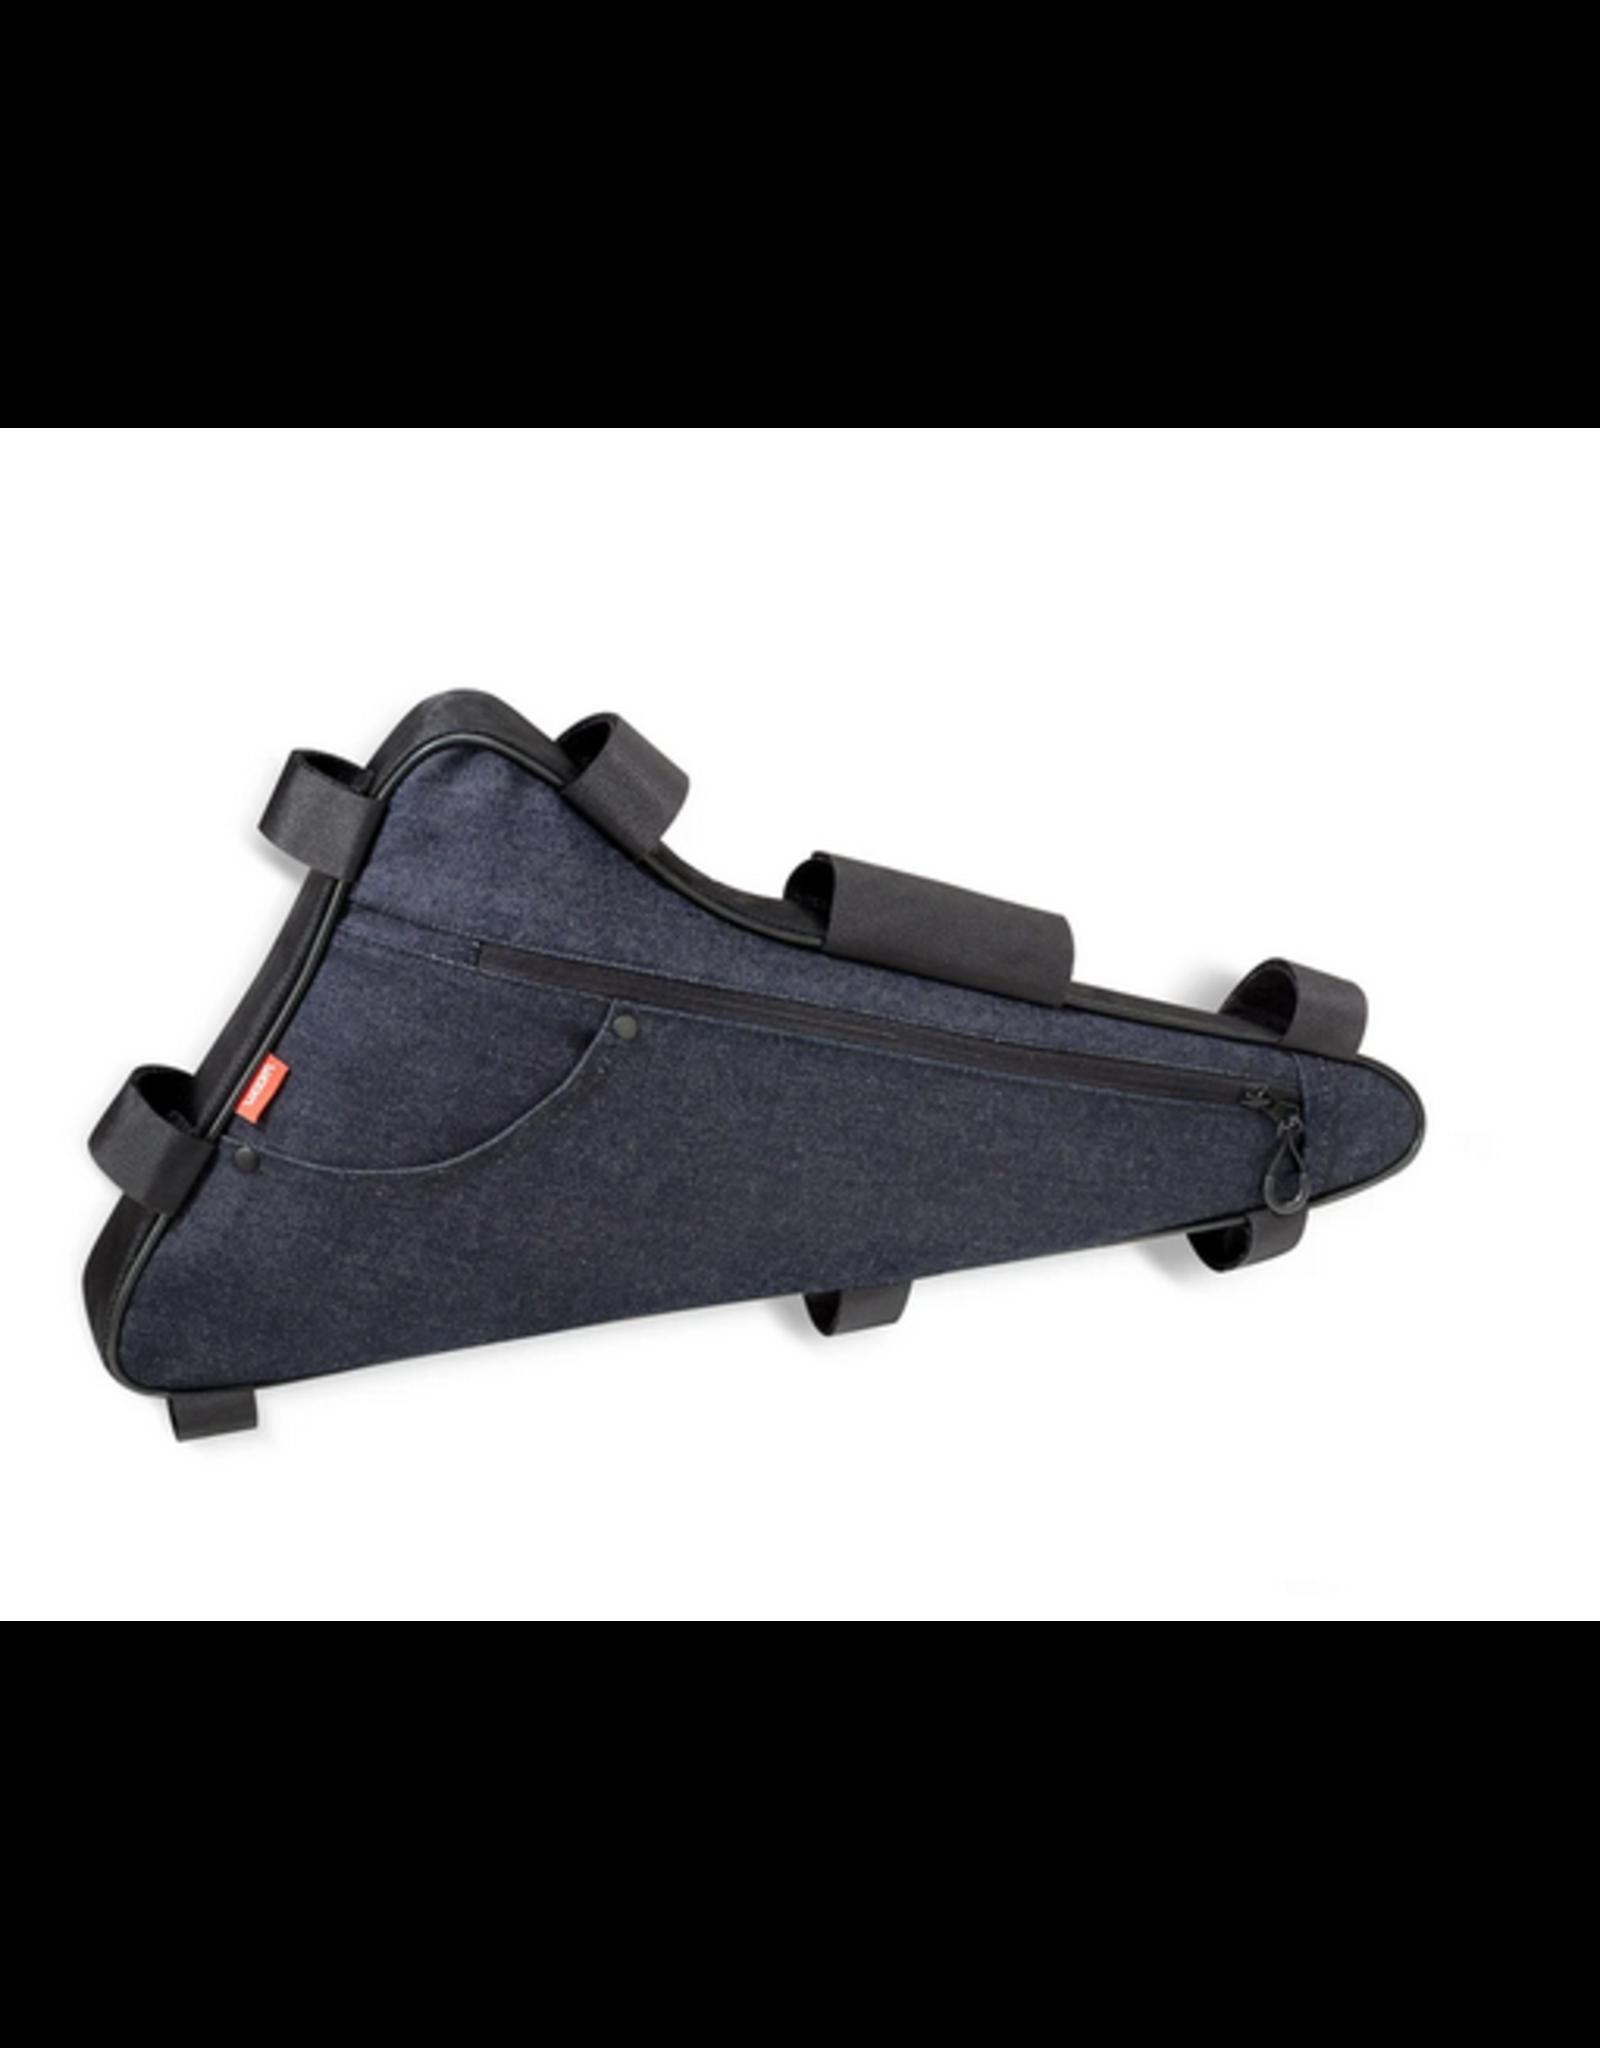 SLOFF Frame Bag